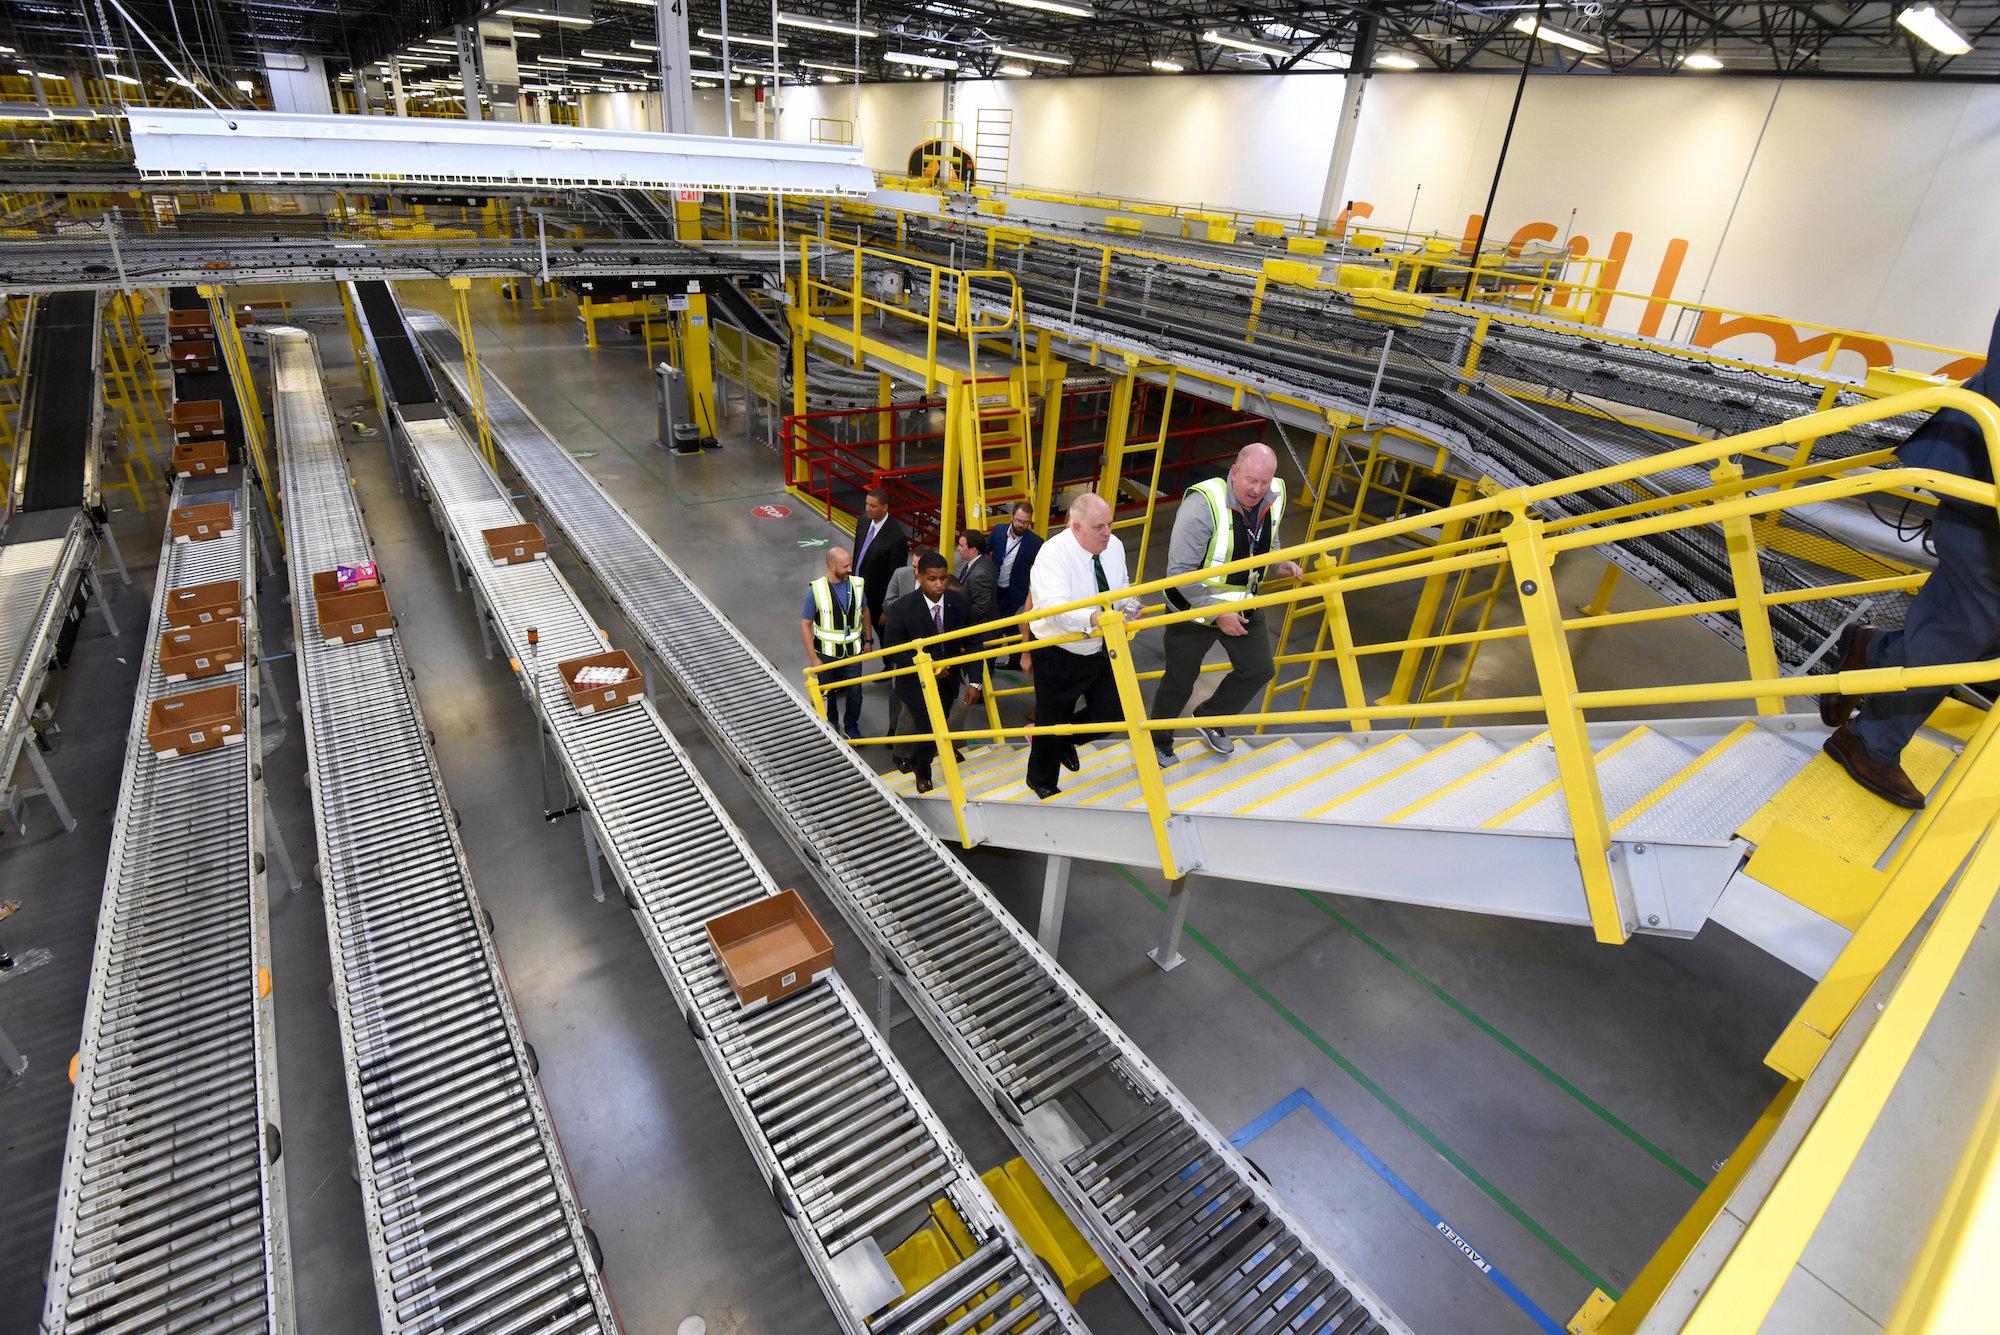 Photo: Maryland governor tours Amazon warehouse.